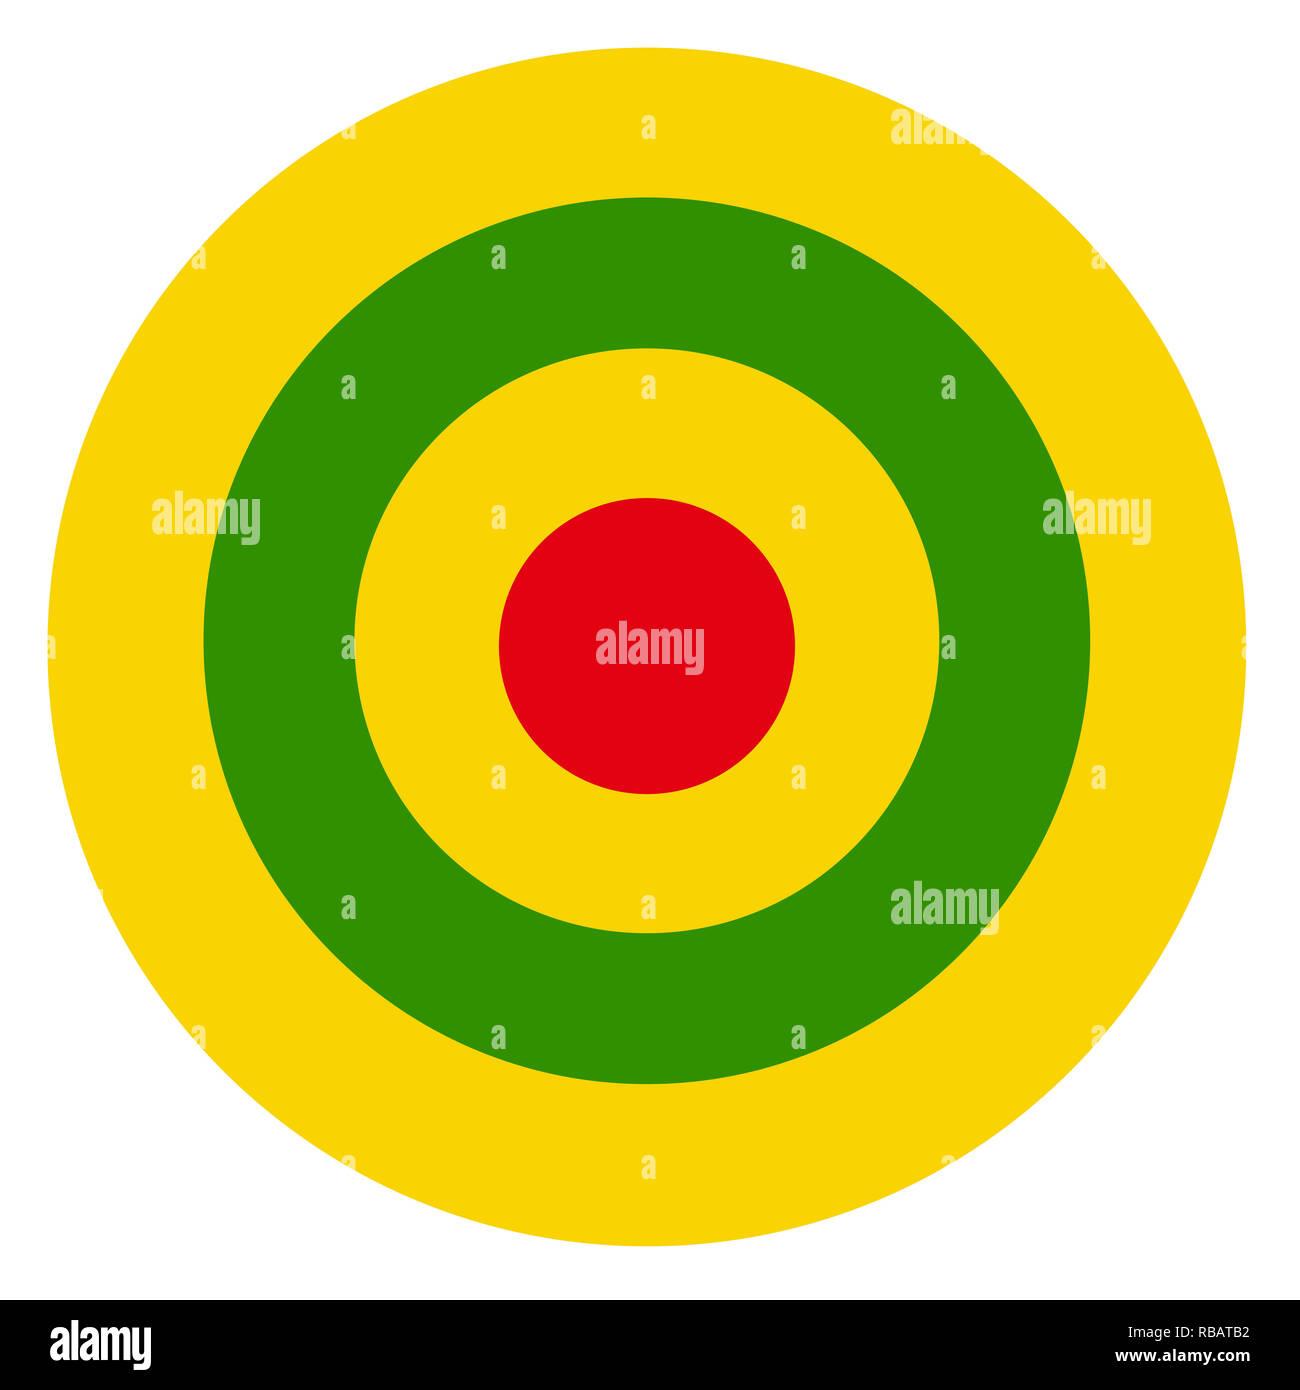 Rwanda country roundel flag based round symbol - Stock Image